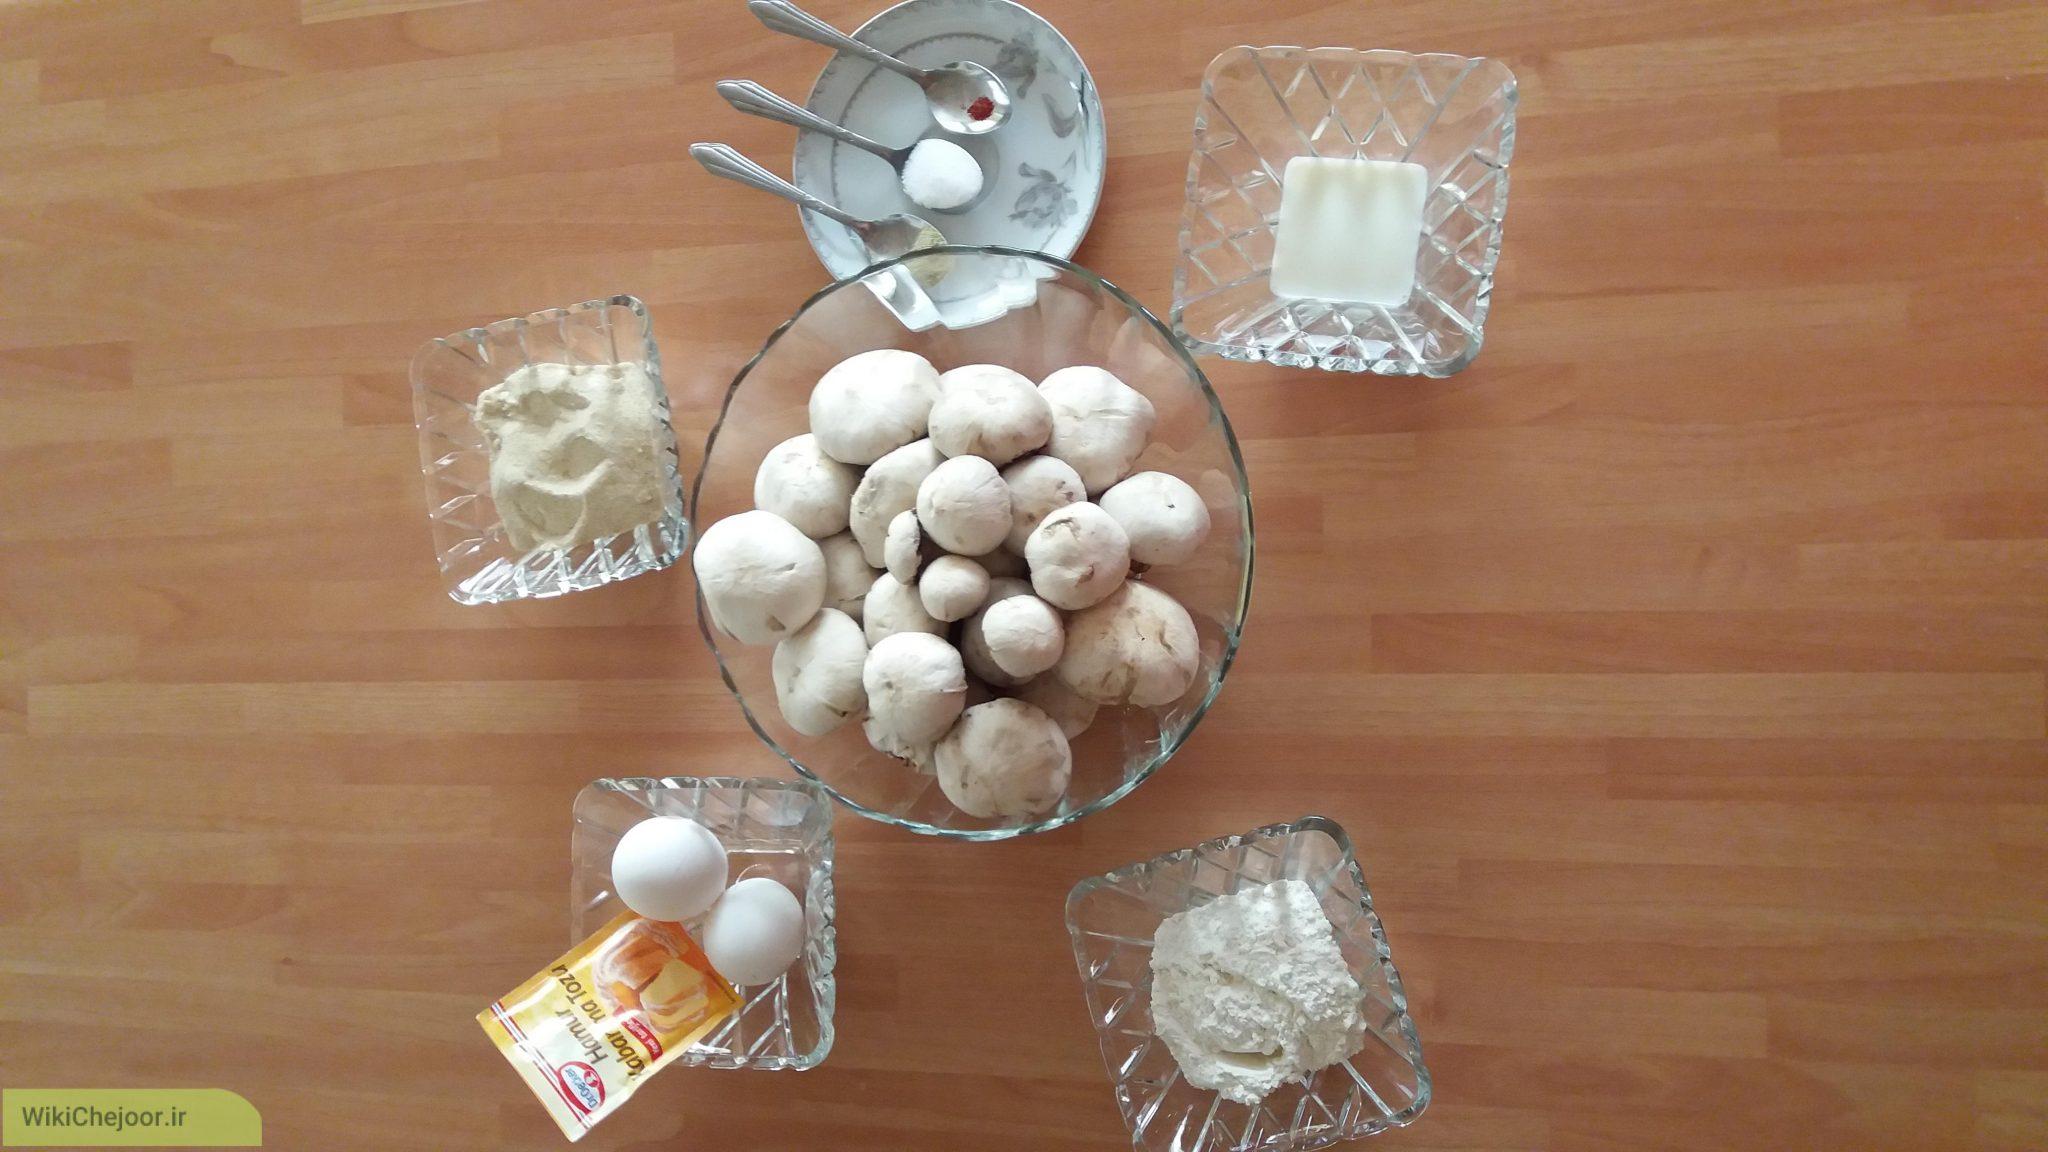 قارچ سوخاری و سیب زمینی رستورانی